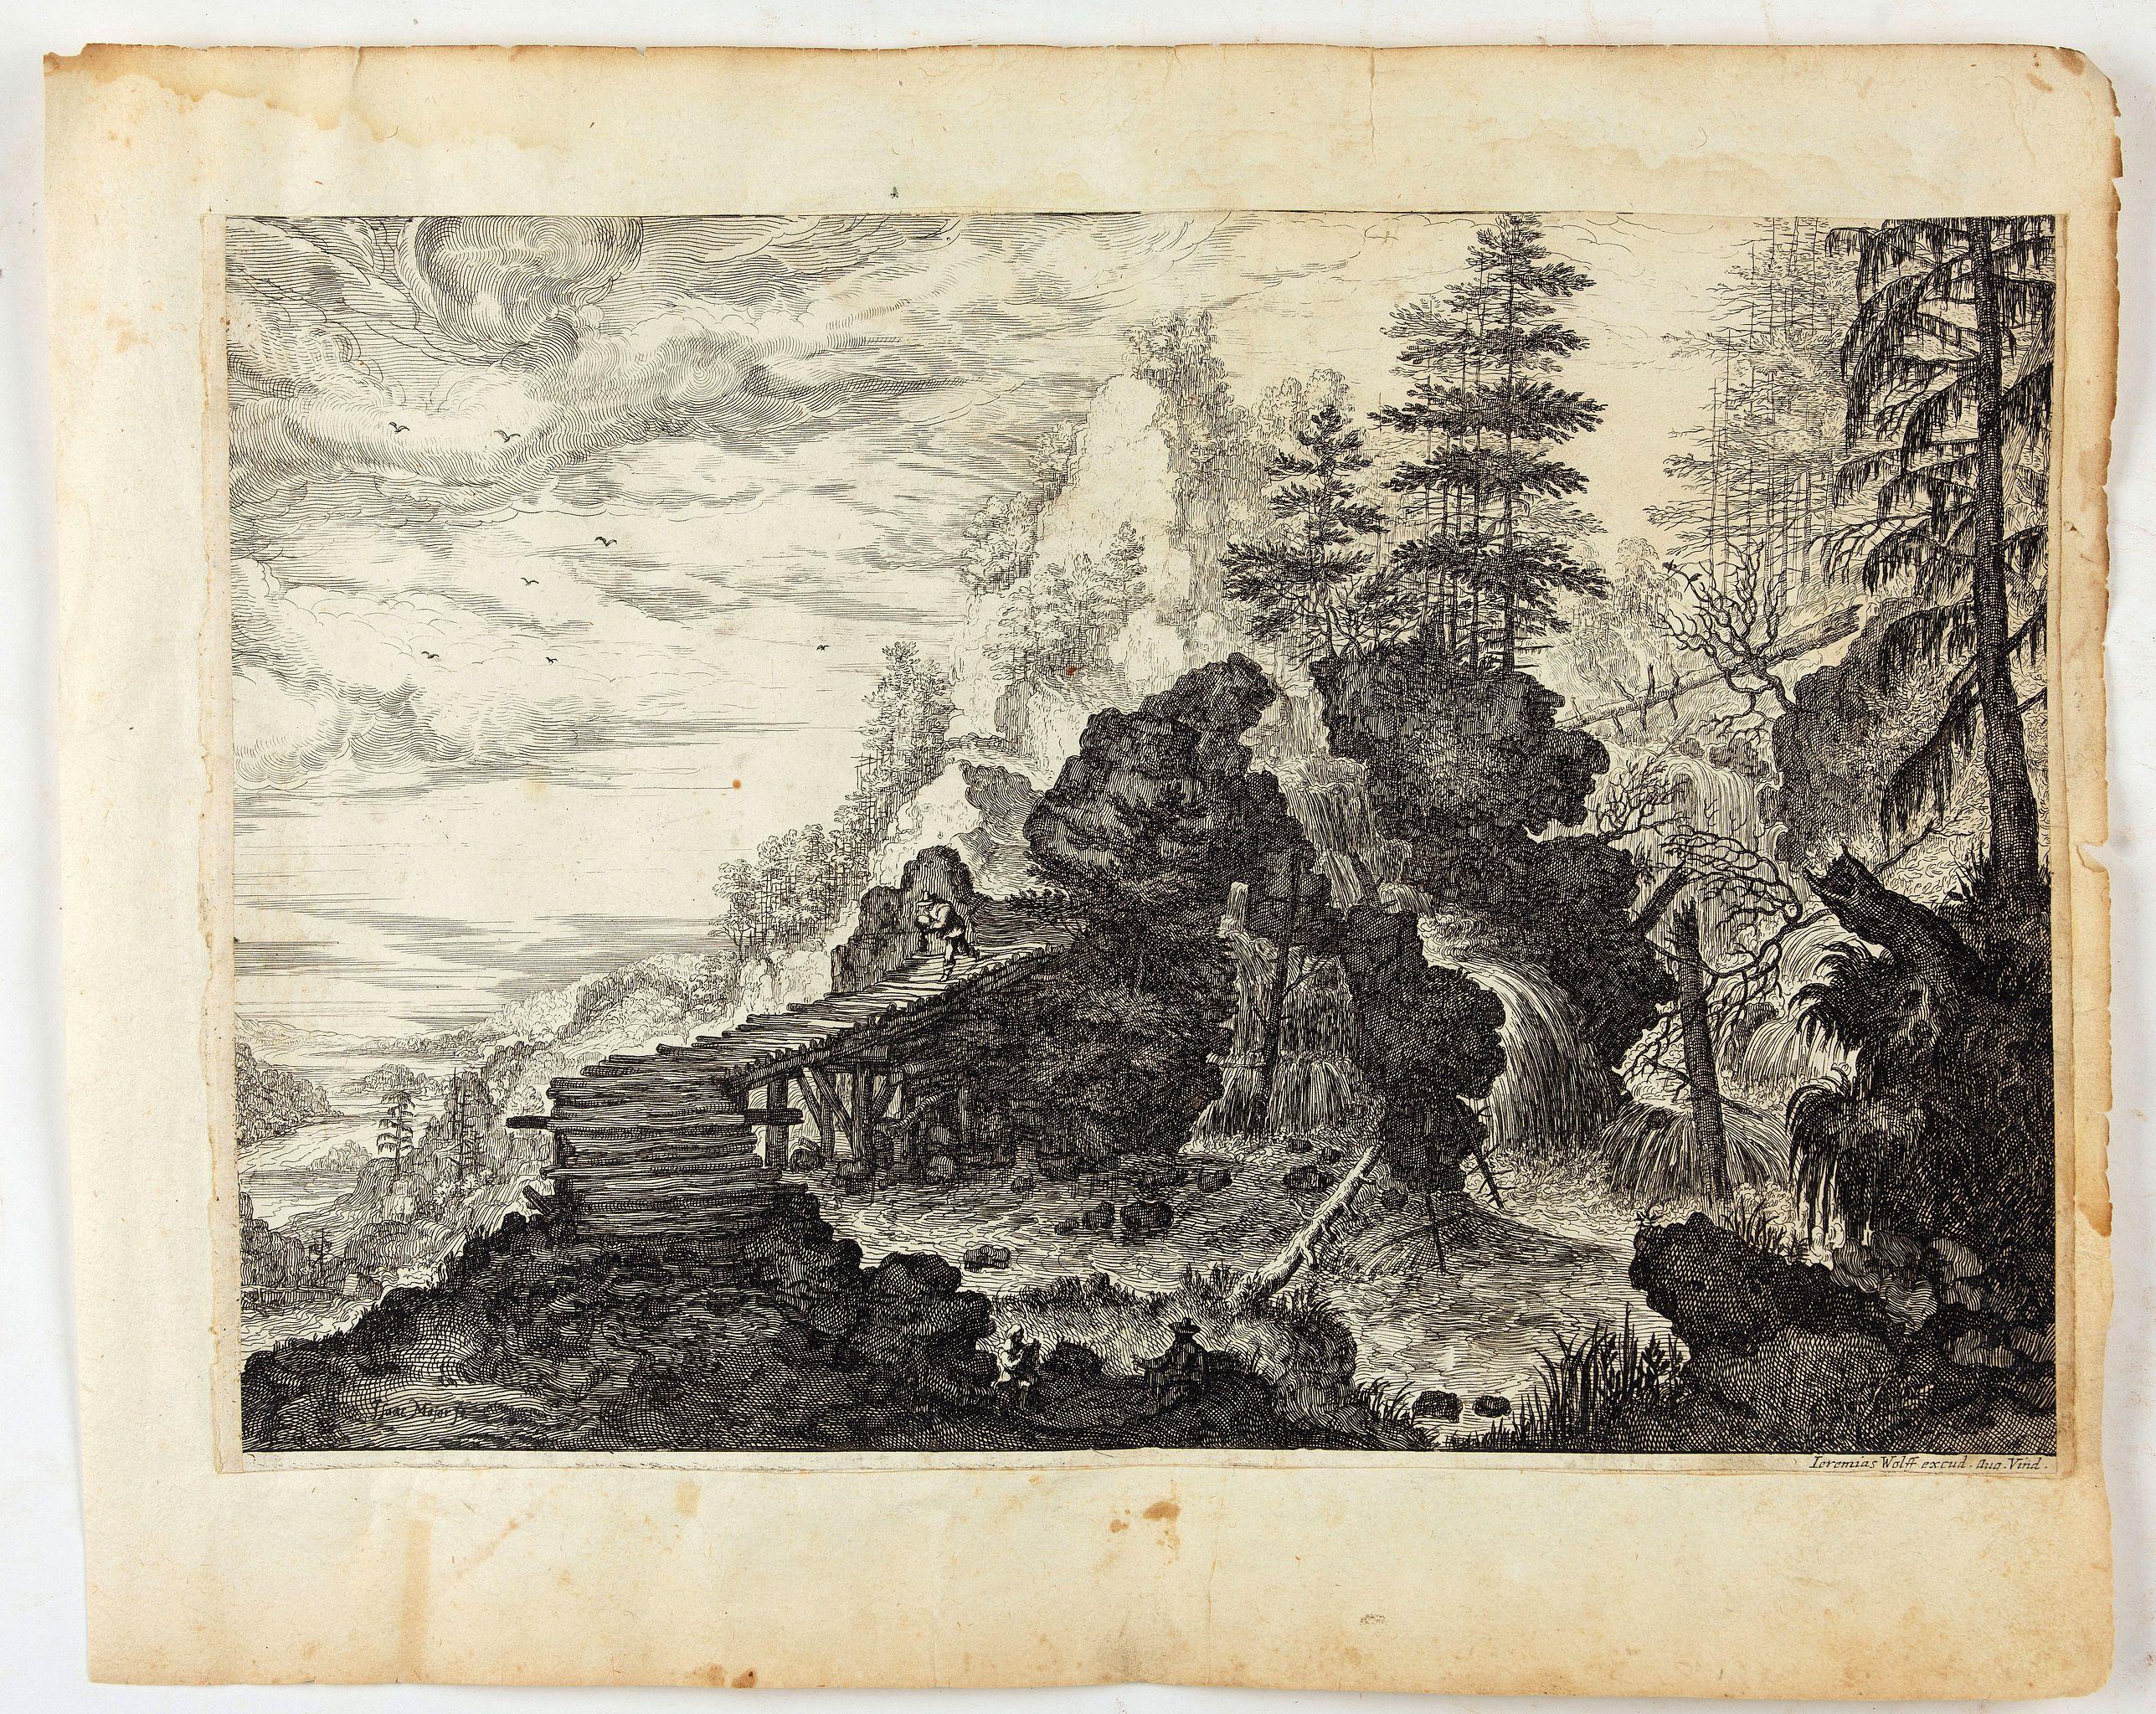 MAIOR, I. -  Landschaft mit Wasserfall rechts eines Felsblocks.